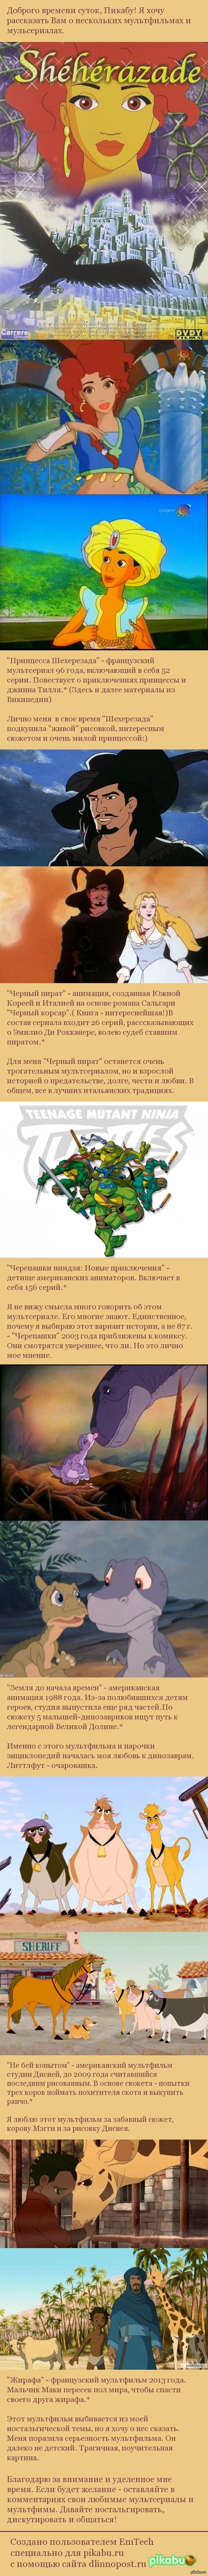 Мультфильмы и мультсериалы   мультфильмы, мультсериалы, длиннопост